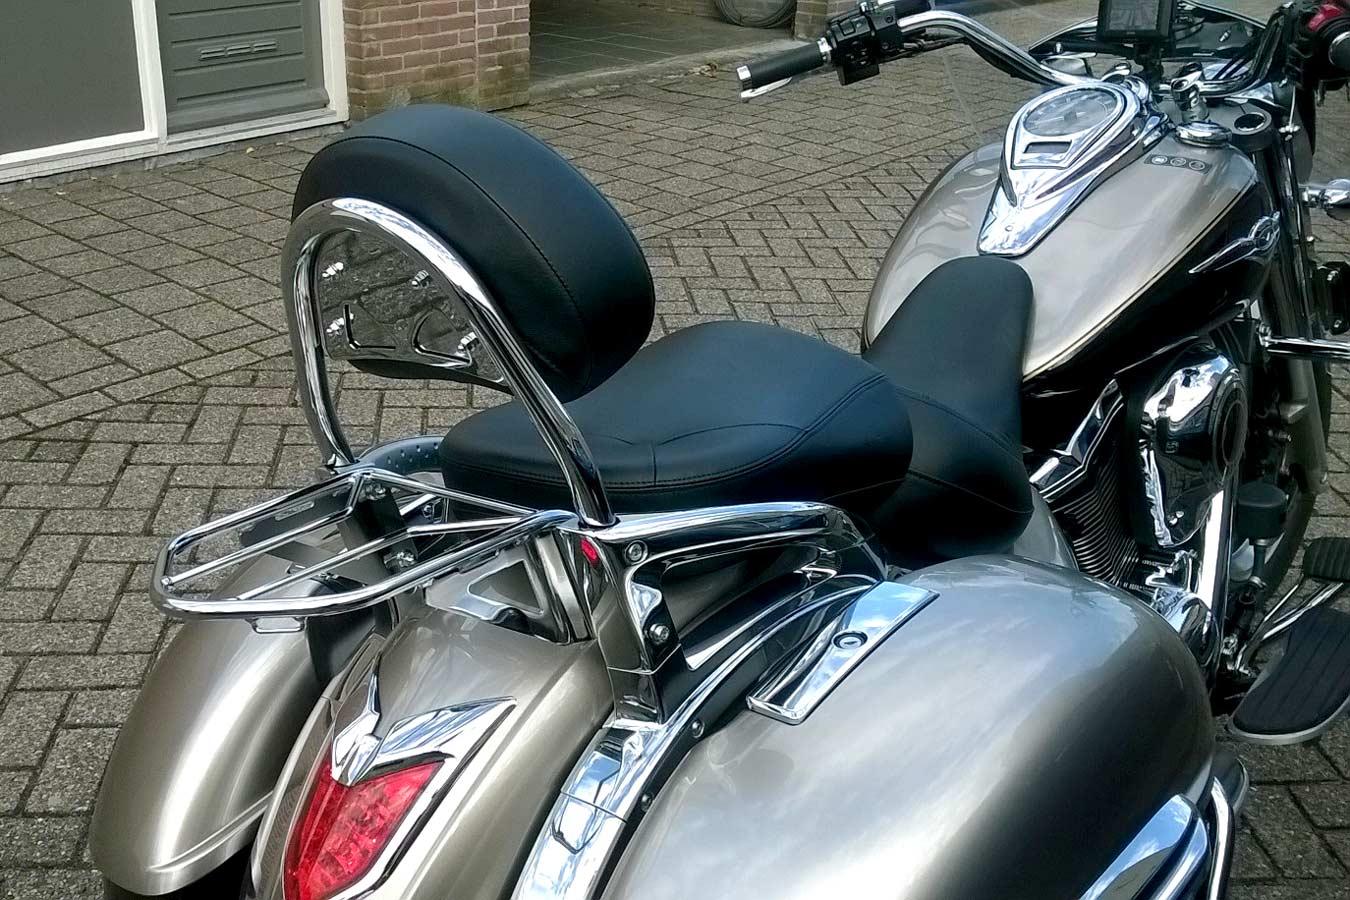 Bagagedrager Bagagedrager geschikt voor de originele Kawasaki Sissybar zoals op de foto. (1)